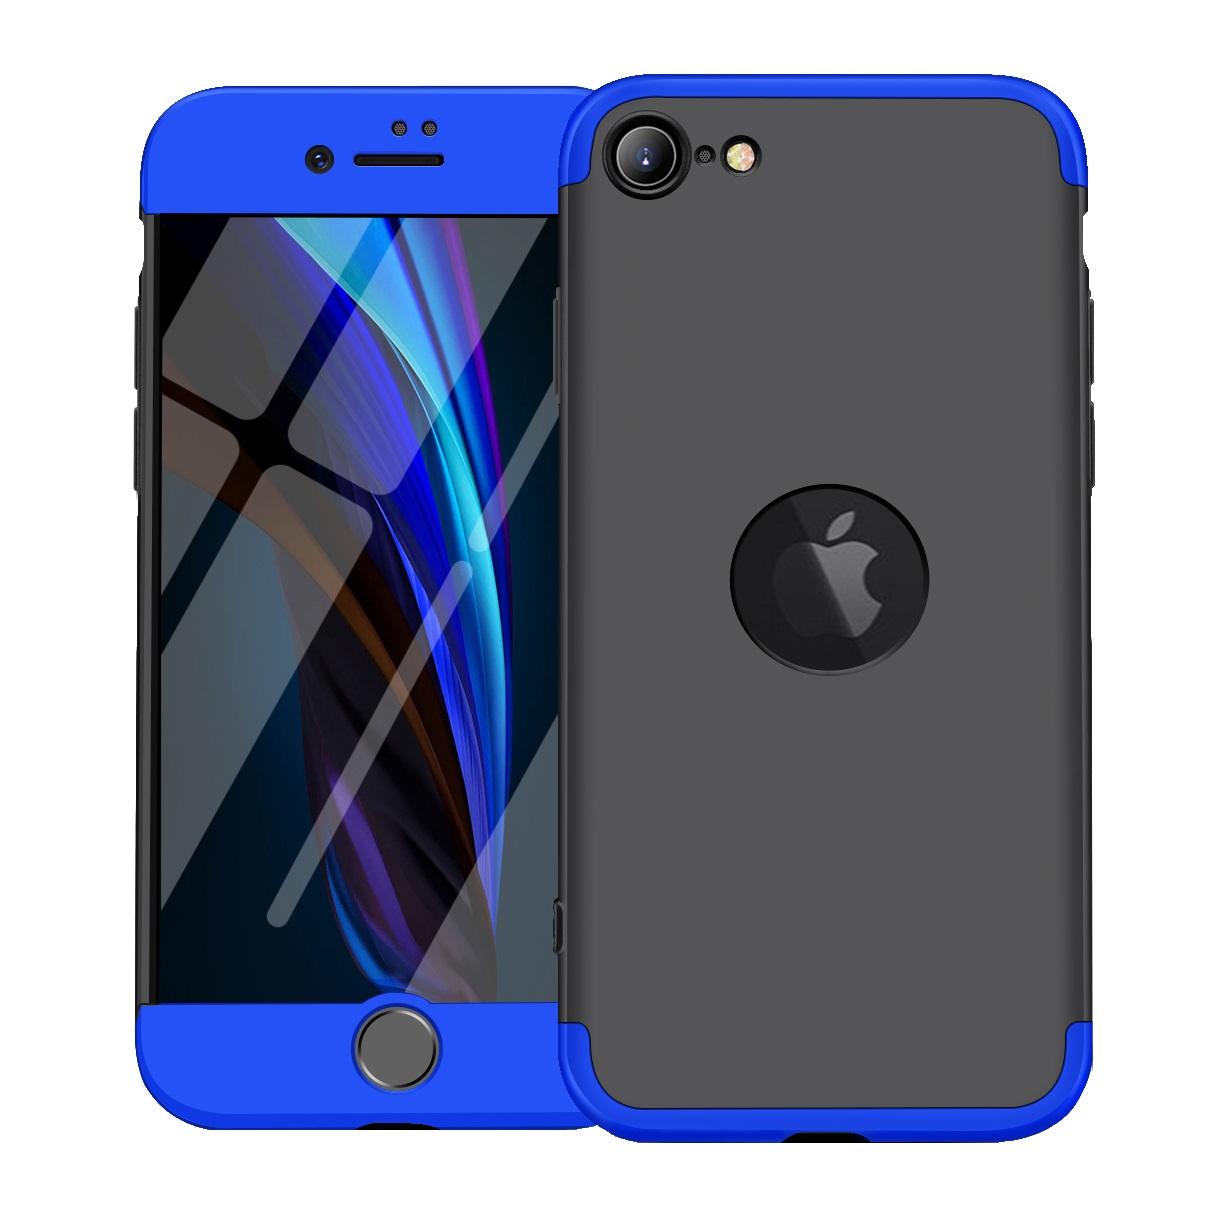 کاور 360 درجه جی کی کی مدل GK-se20-se مناسب برای گوشی موبایل اپل IPHONE SE 2020